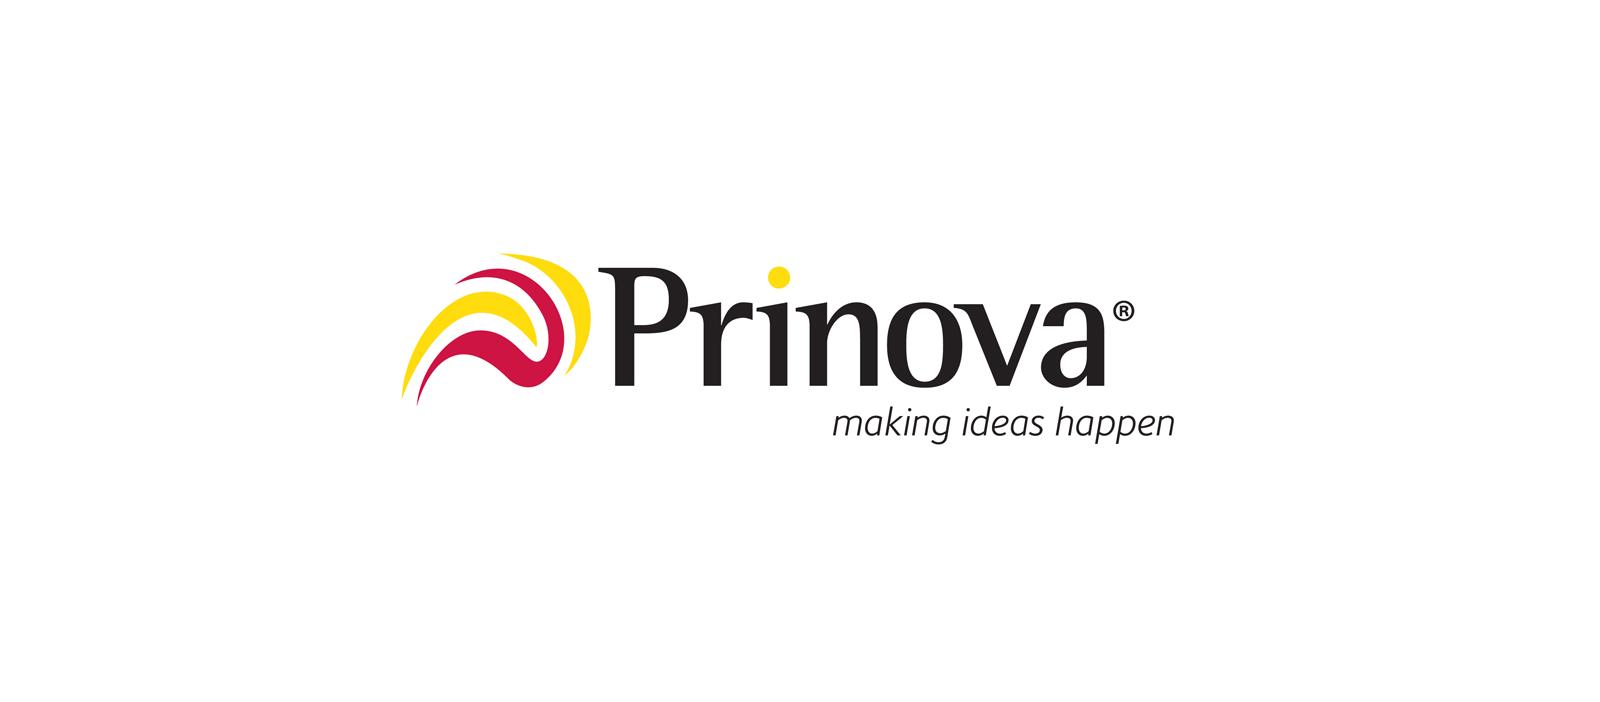 prinova: making ideas happen logo